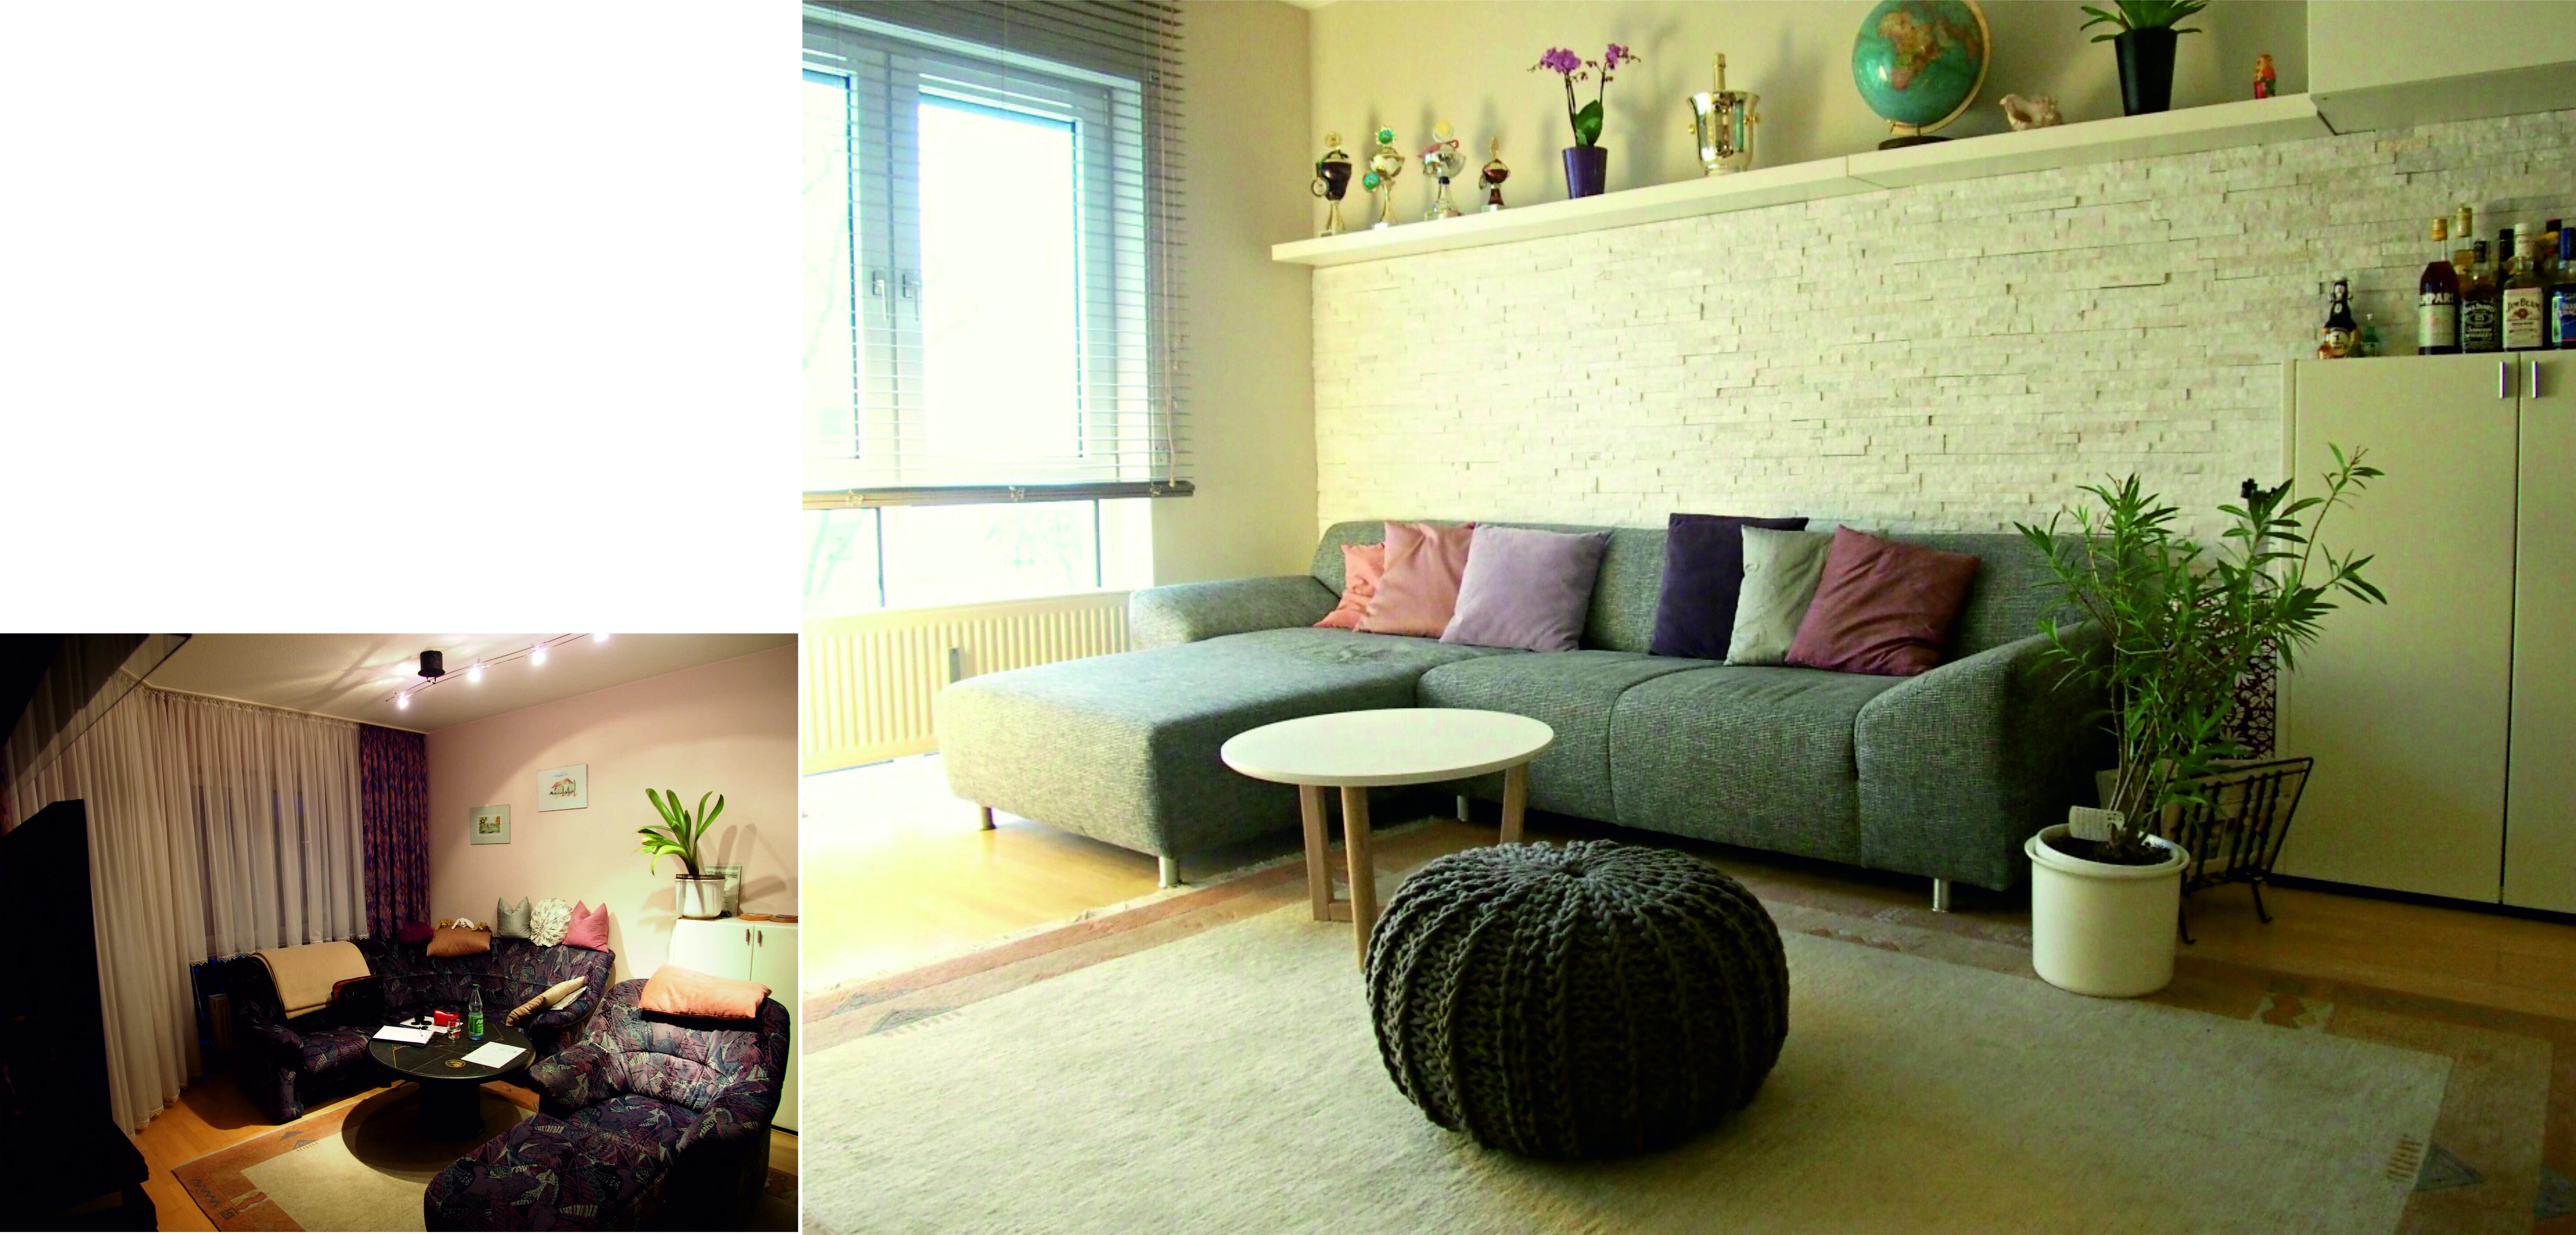 kleines wohnzimmer einrichten vorher nachher Living room Bilder